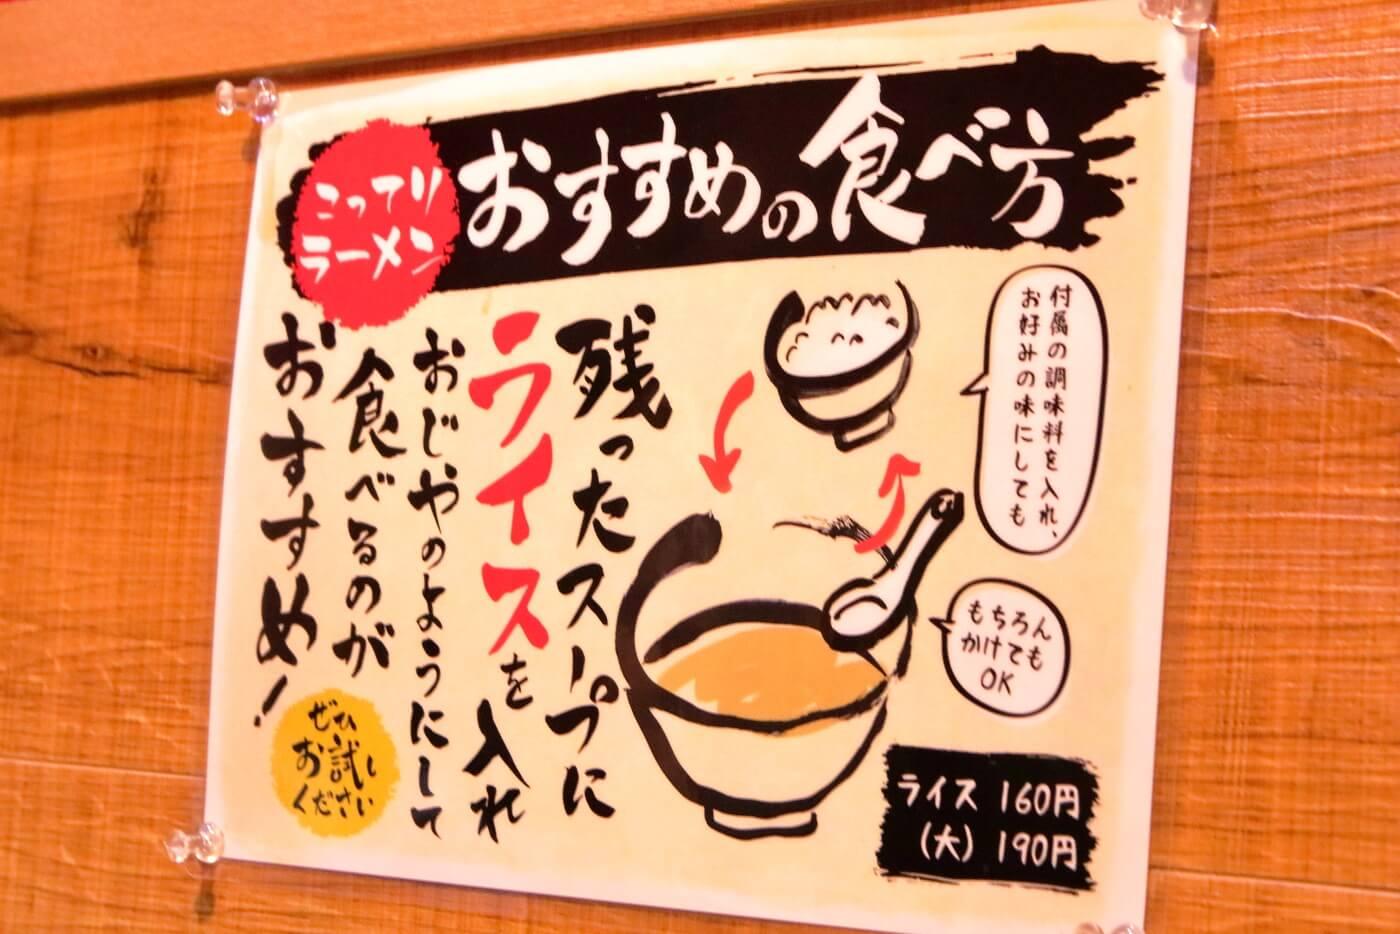 天下一品のこってりスープは締めにライスを入れるのがおすすめ